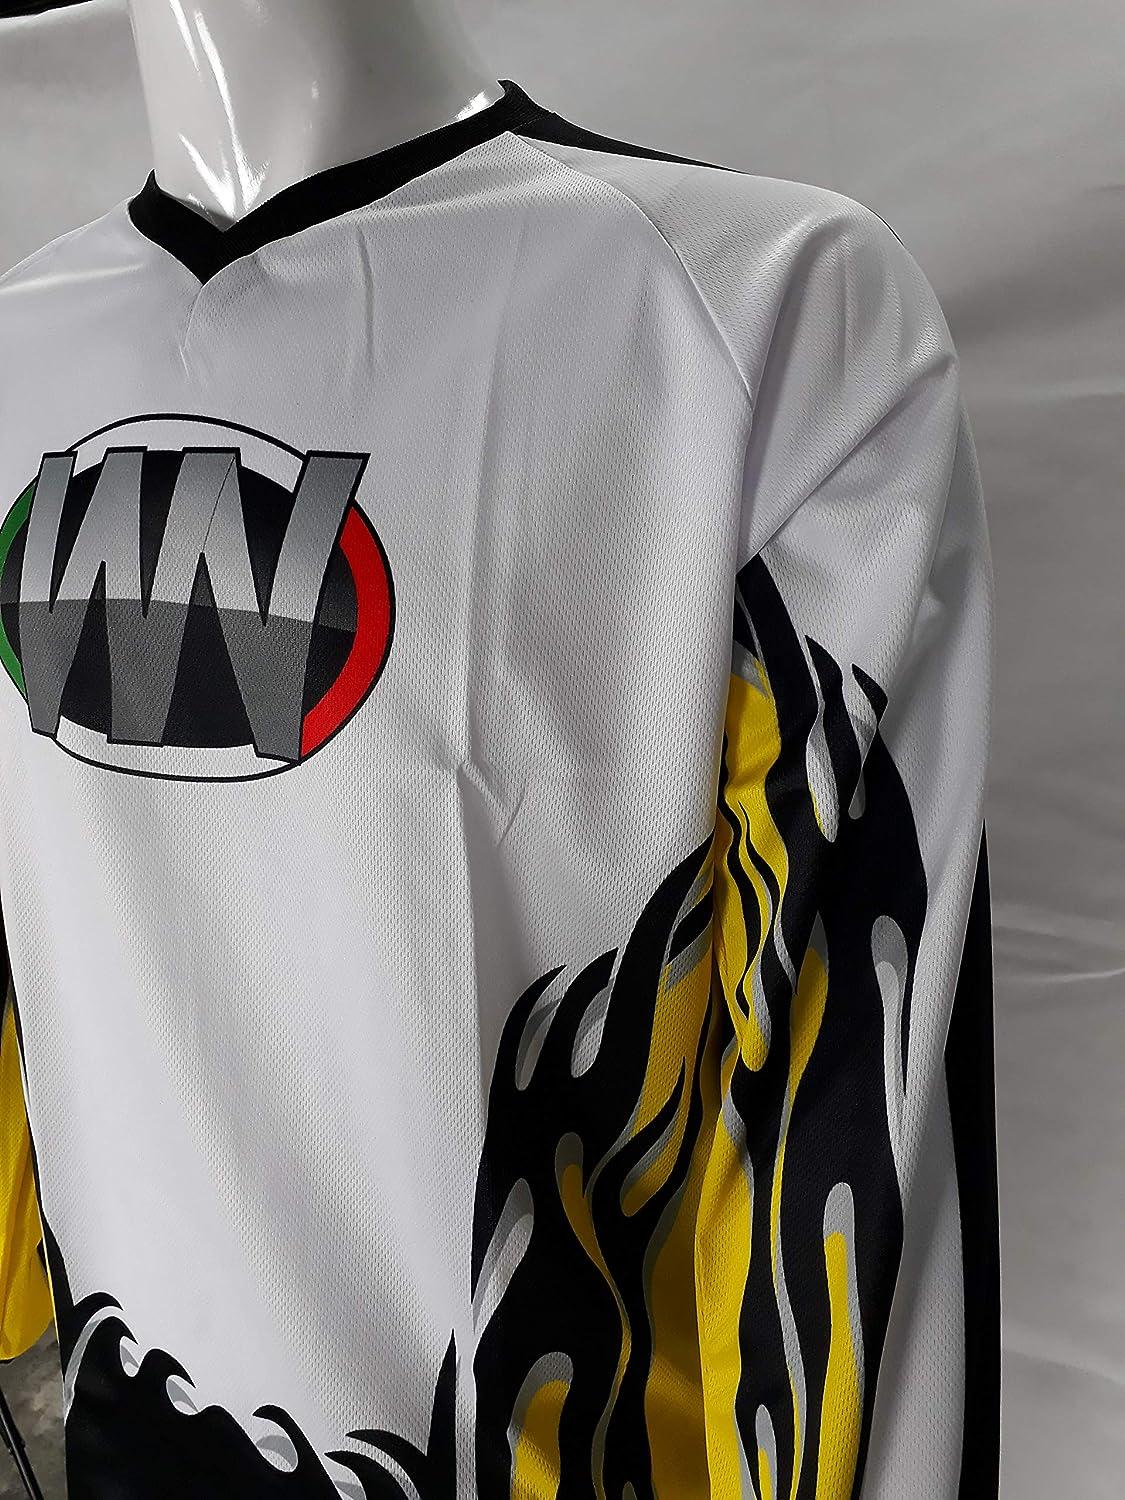 WinNet completo tuta per moto da cross o motard giallo bianco nero maglia e pantaloni 3XL